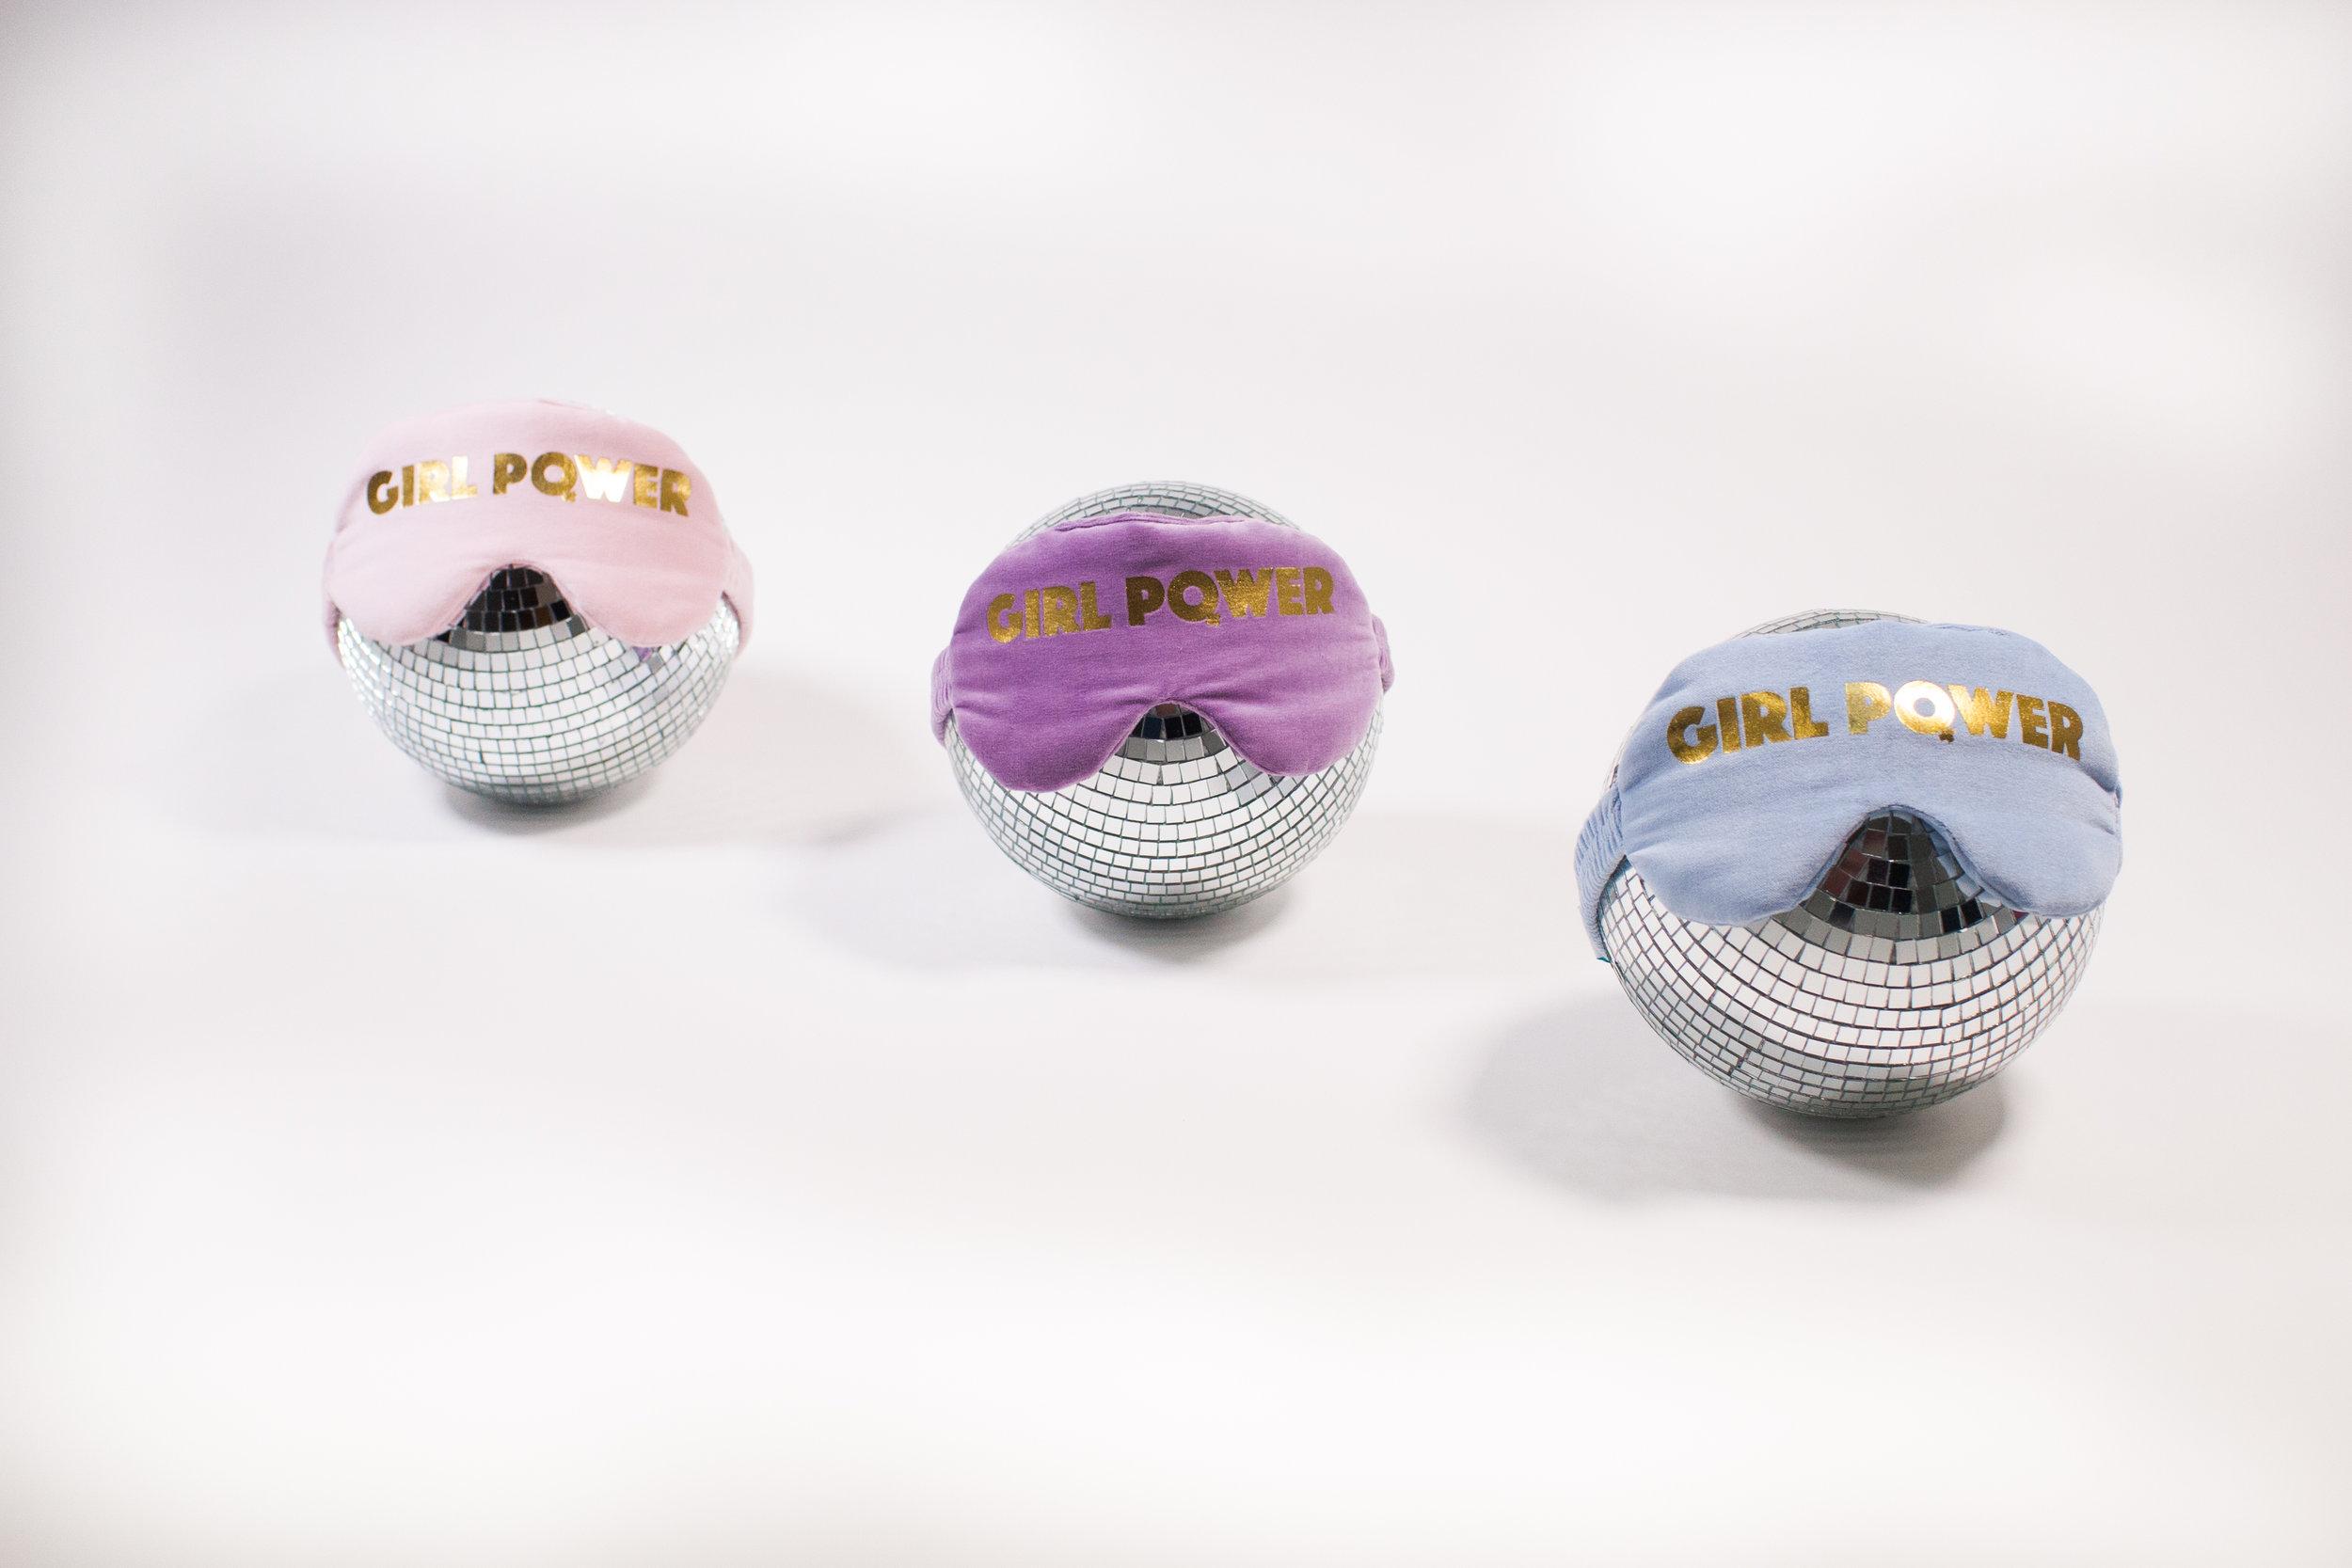 disco_balls_eye_masks_hansma_41_winks.jpg